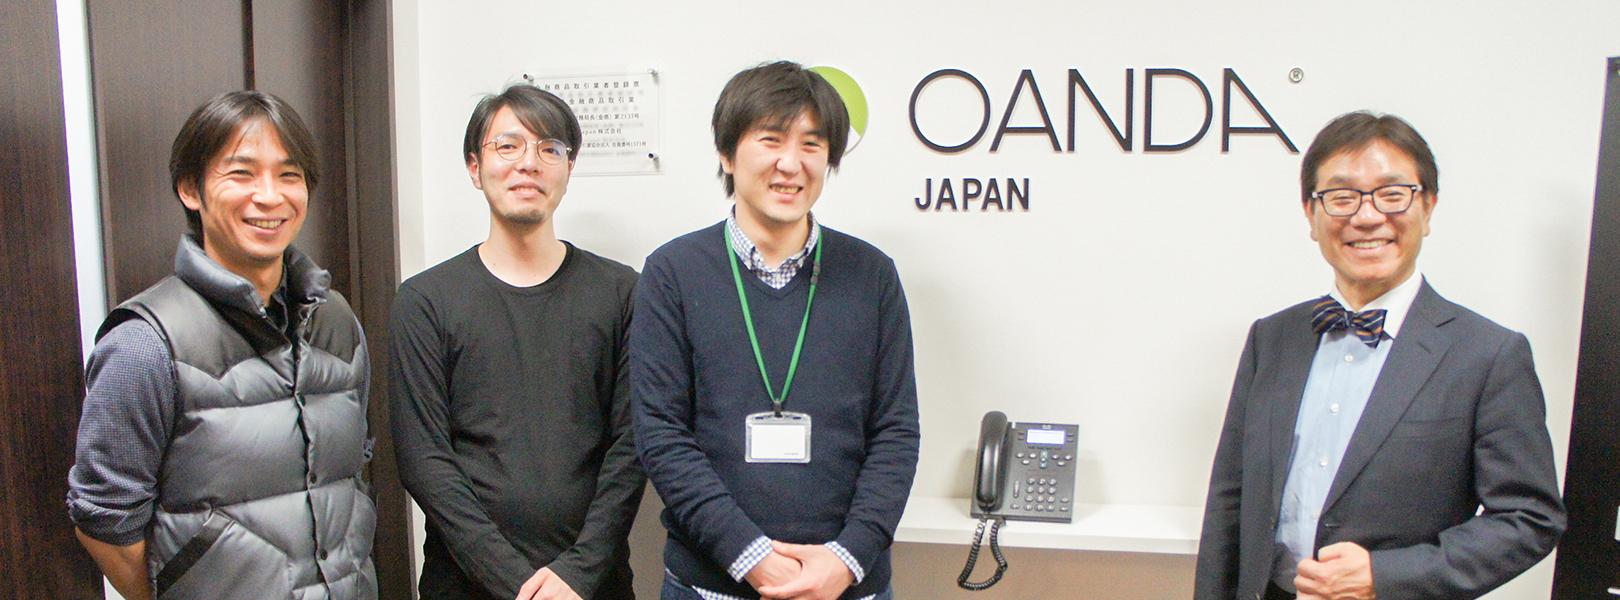 ジャパン オ アンダ Oanda Japan(オアンダジャパン)のダイレクト入金ならすぐに即時入金される、その手順と対応銀行